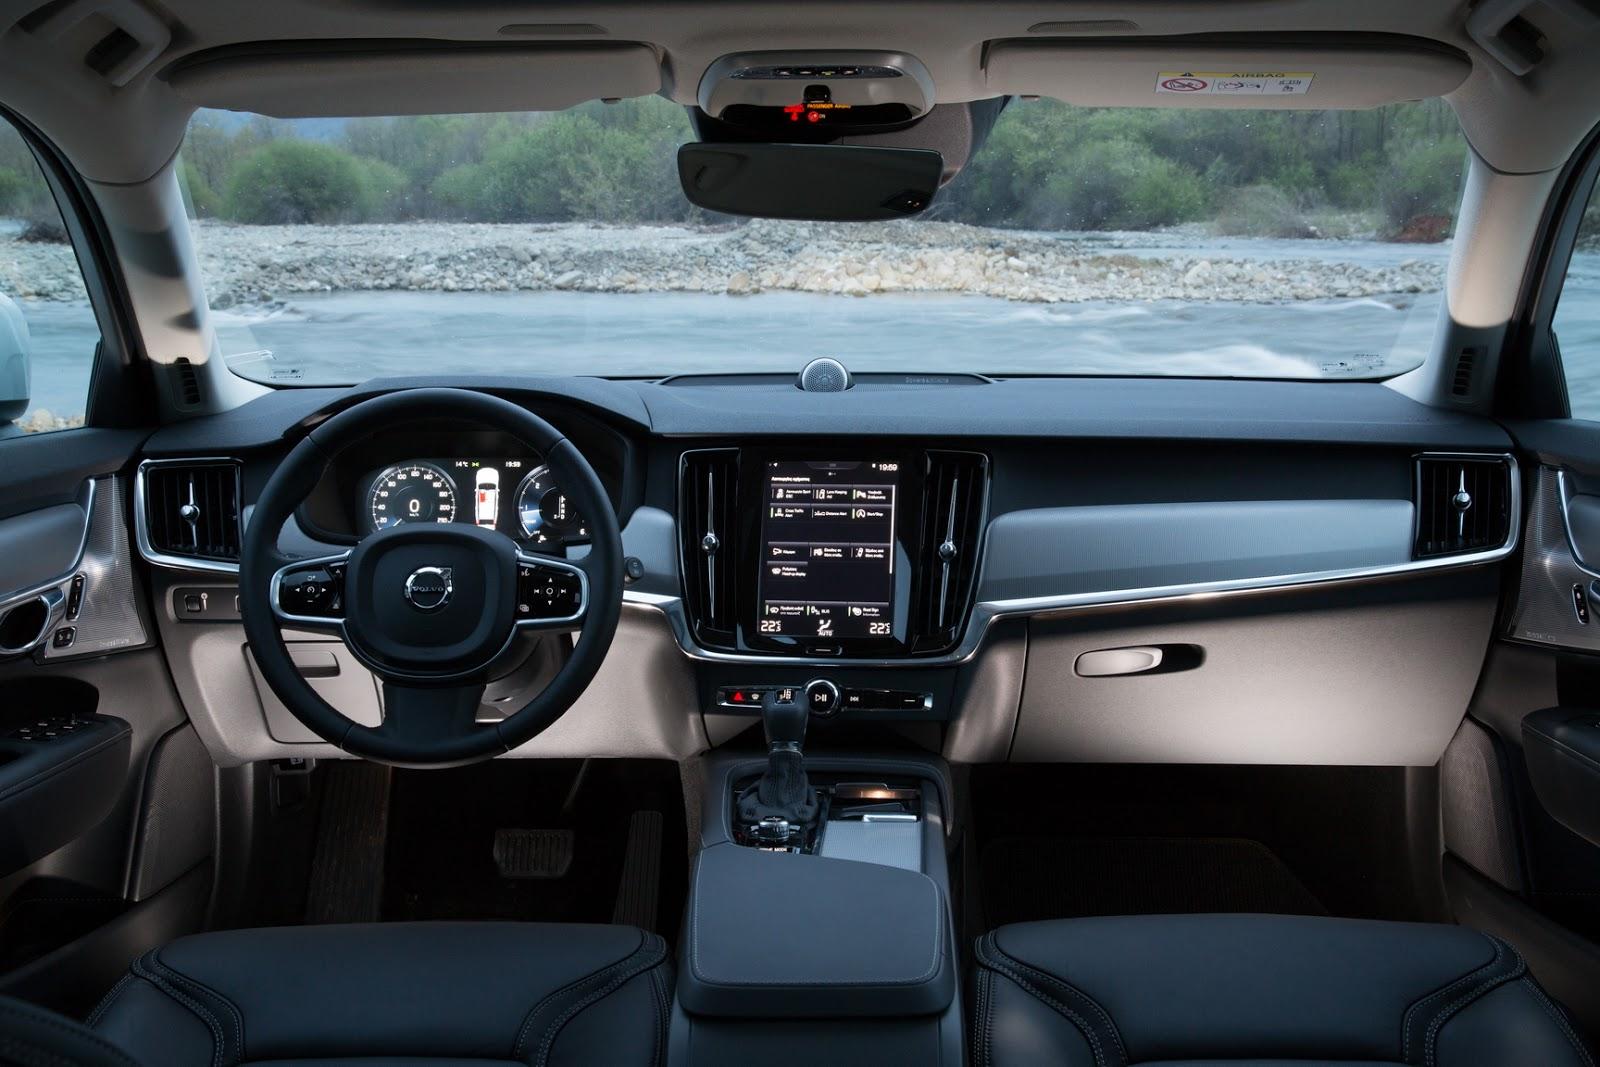 V902BCROSS2BCOUNTRY2B38 1 Το Volvo V90 Cross Country απευθύνεται σε ανήσυχους εξερευνητές της περιπέτειας! Crossover, Volvo, Volvo Car Hellas, Volvo Cars, Volvo V70 XC, Volvo V90 Cross Country, Volvo XC70